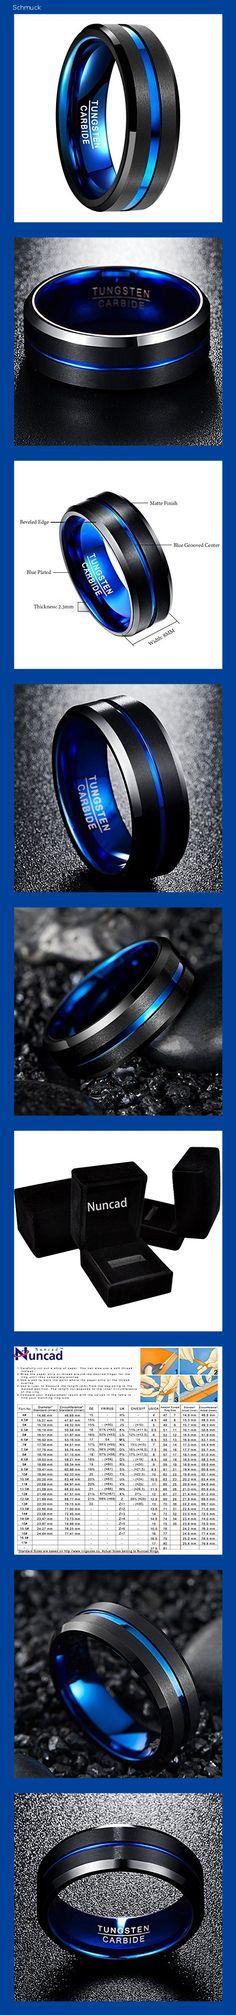 NUNCAD Herren Damen Partner Ring aus Wolfram Schwarz-Blau 8mm mit Blauer Rille für Hochzeit Verlobung Party Alltag Größe 47 (7) - 14h5